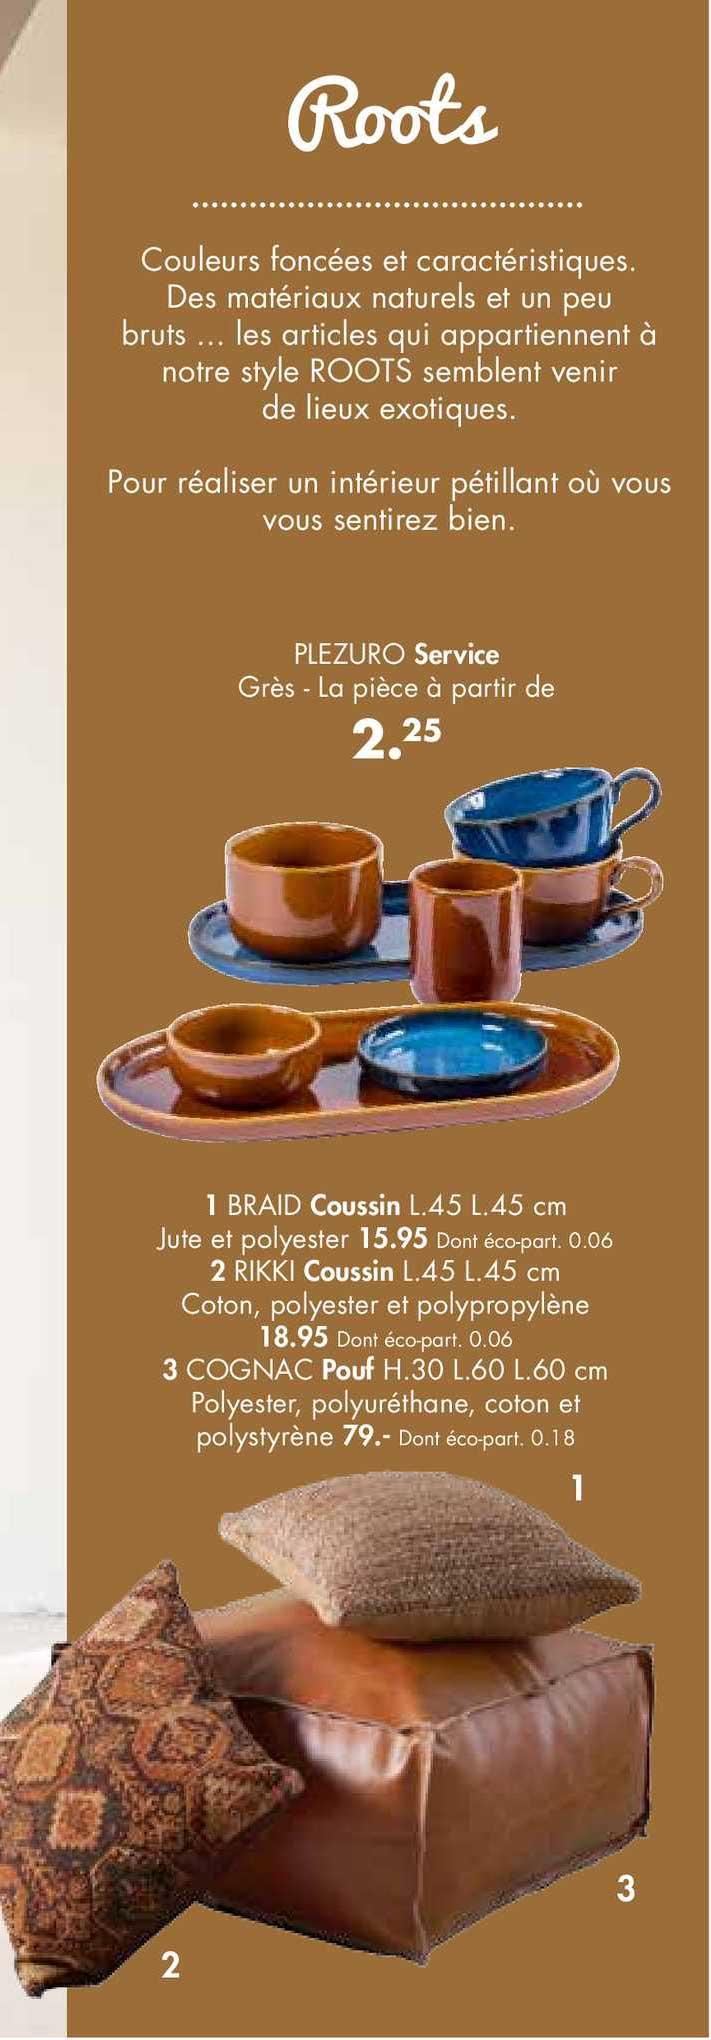 Casa Service Plezuro, Coussin Braid, Coussin Rikki, Pouf Cognac